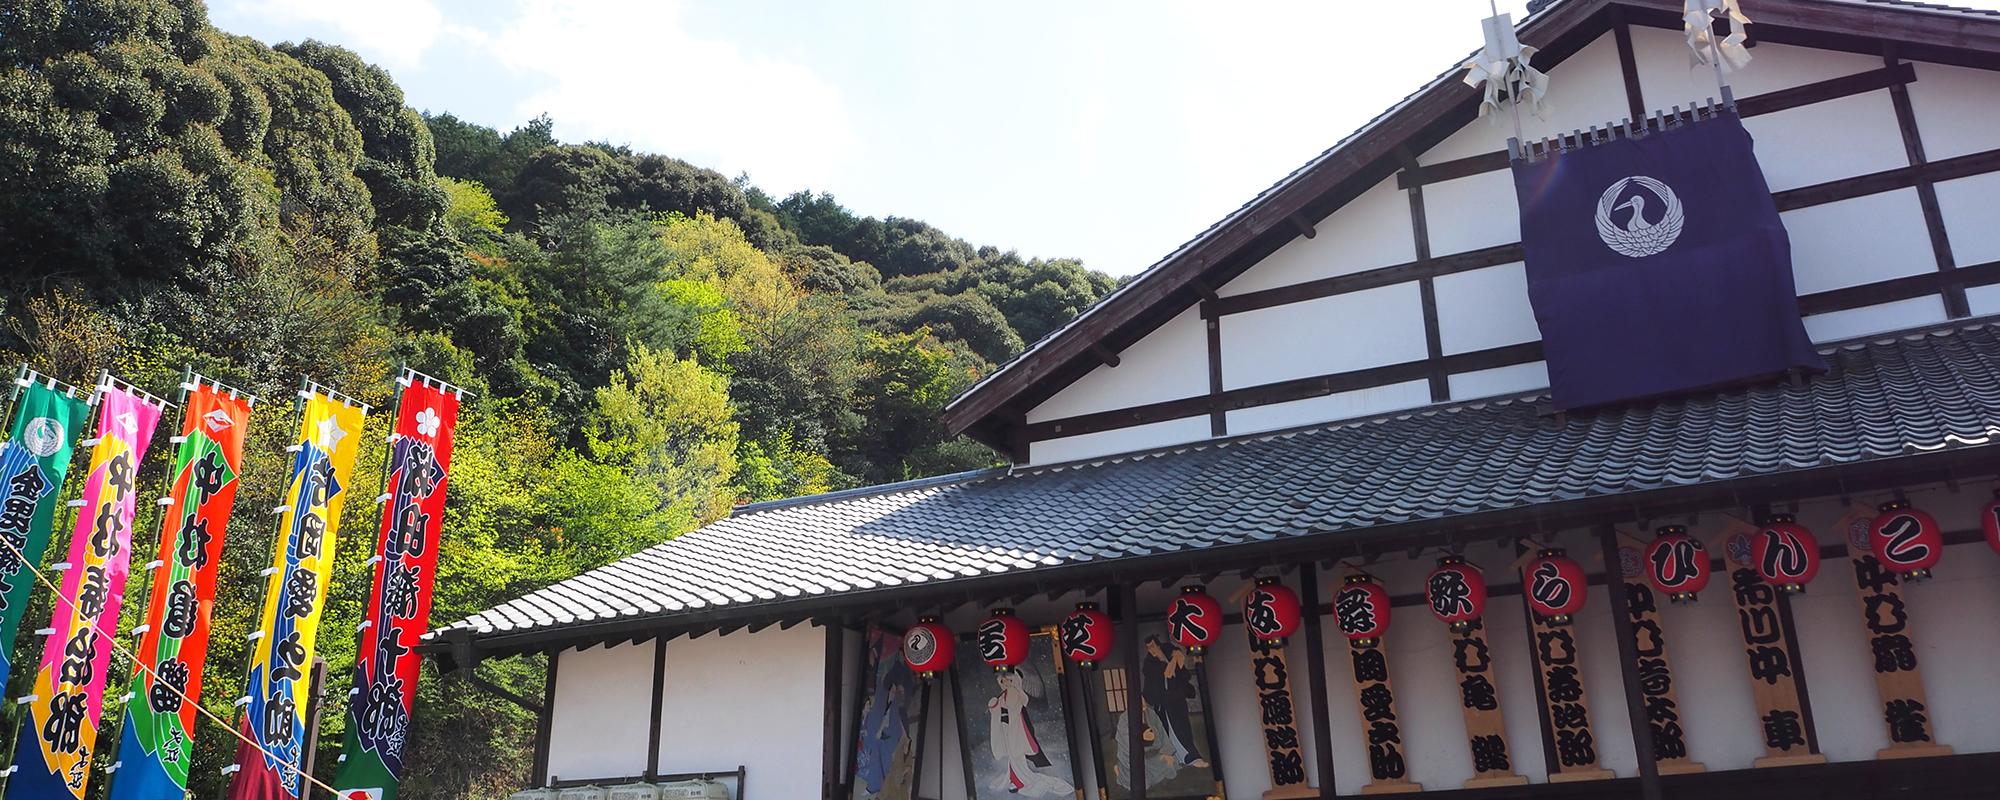 金毘羅歌舞伎大芝居 日本最古の芝居小屋『金丸座』で行われている歌舞伎公演